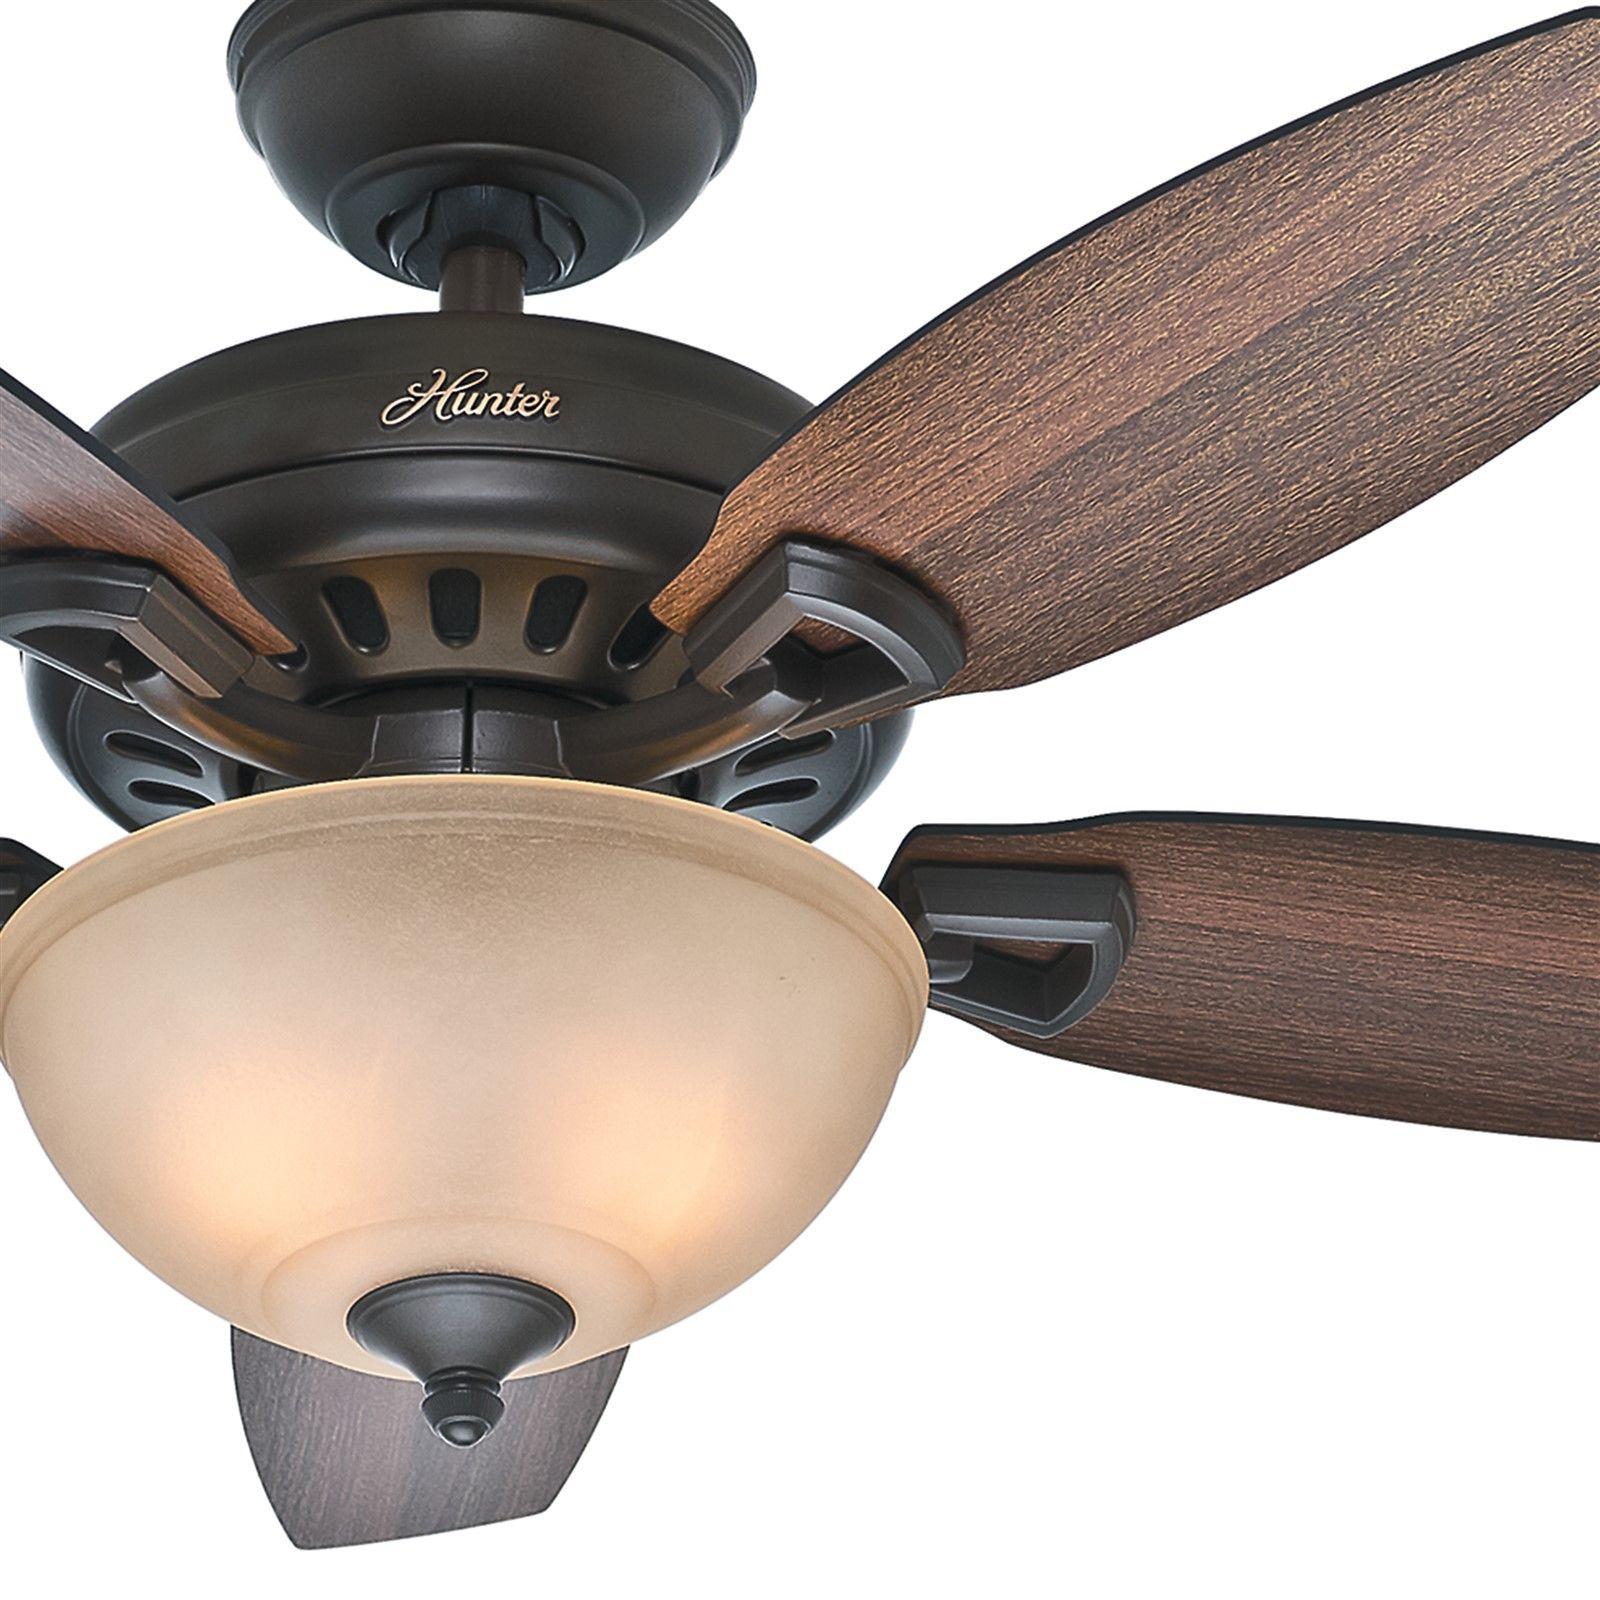 欧美代购 照明风扇 猎人44青铜吊扇灯复古卧室客厅风扇灯装饰